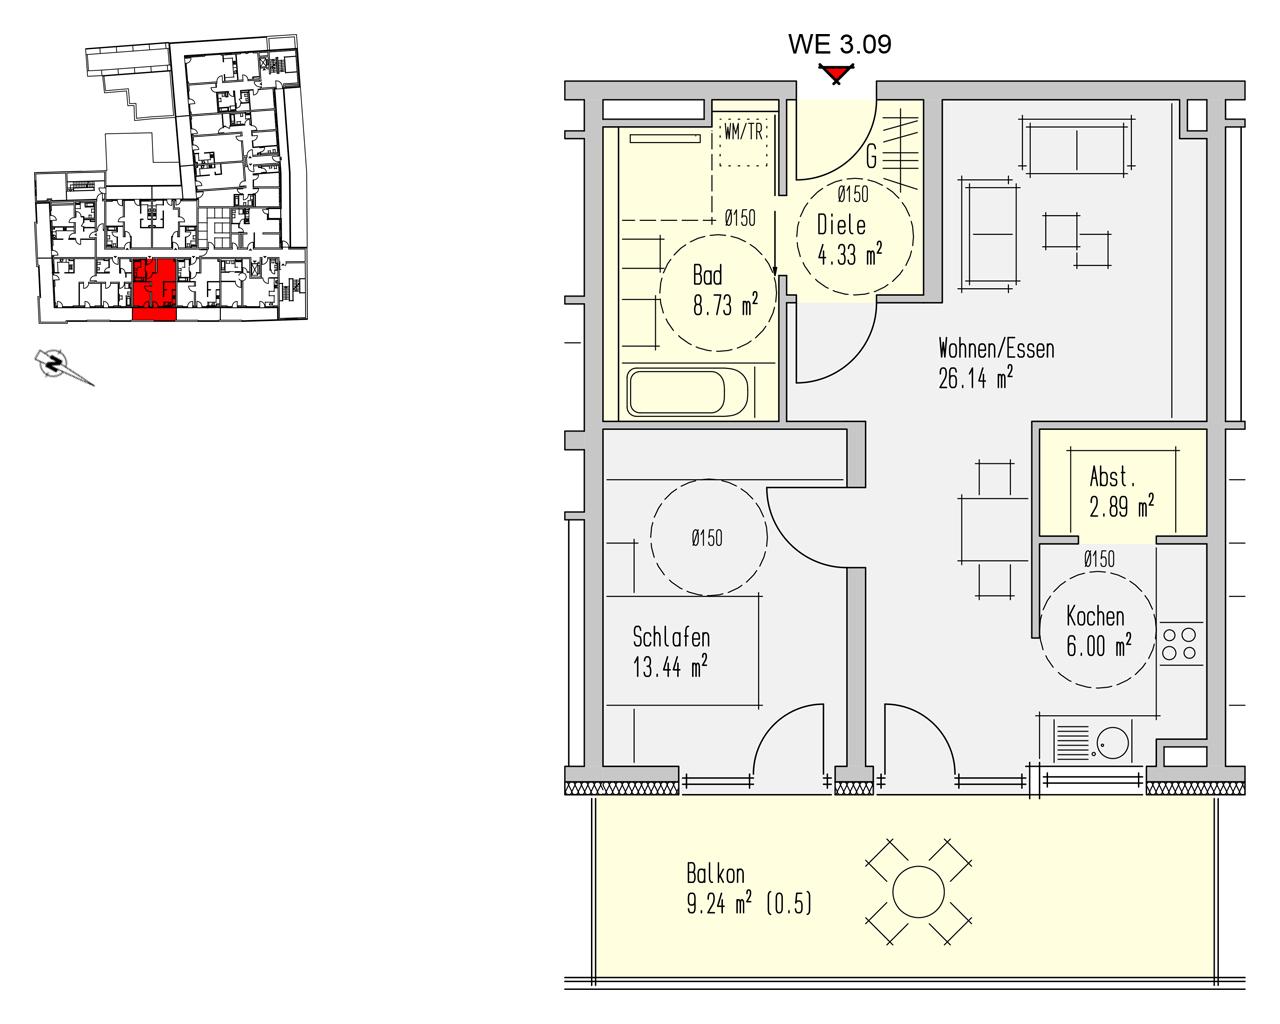 Nr. 3.09 - 3.OG - 2 Zimmer - 70,77 m² - 219.400,- €